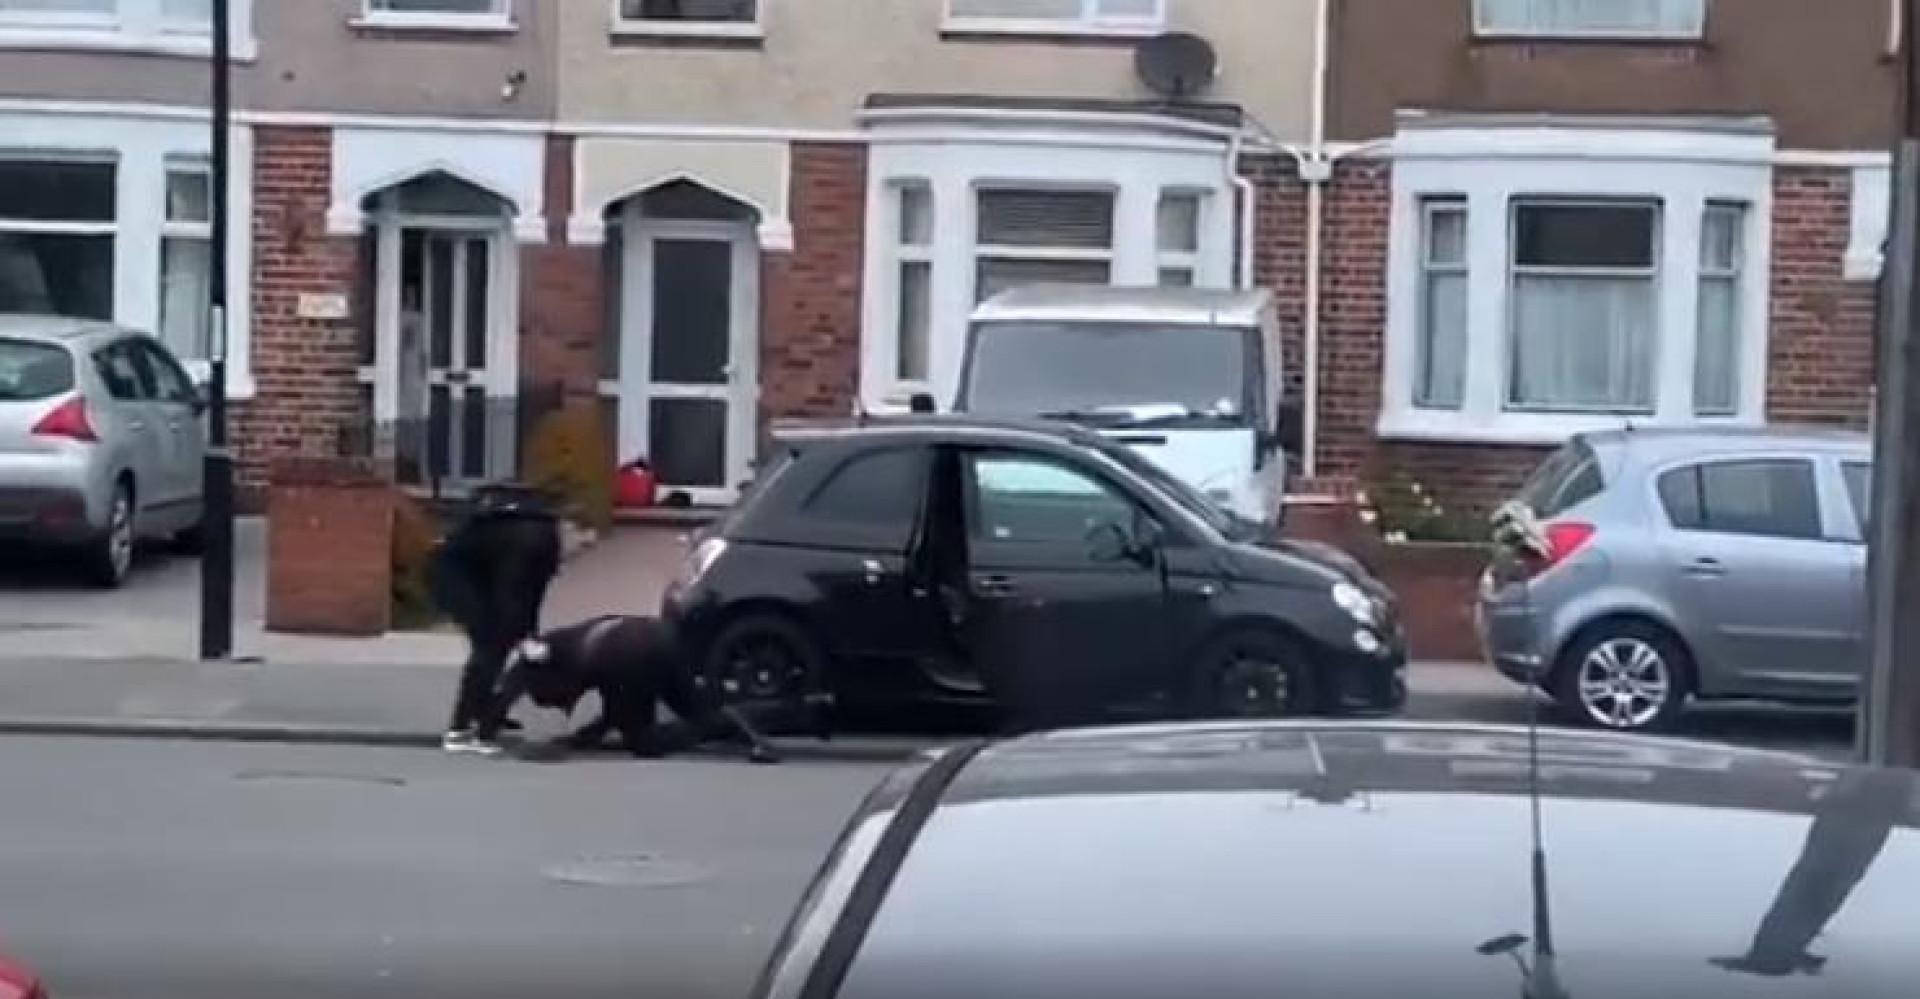 Jovem dá luta quando ladrões lhe tentam roubar o carro no Reino Unido